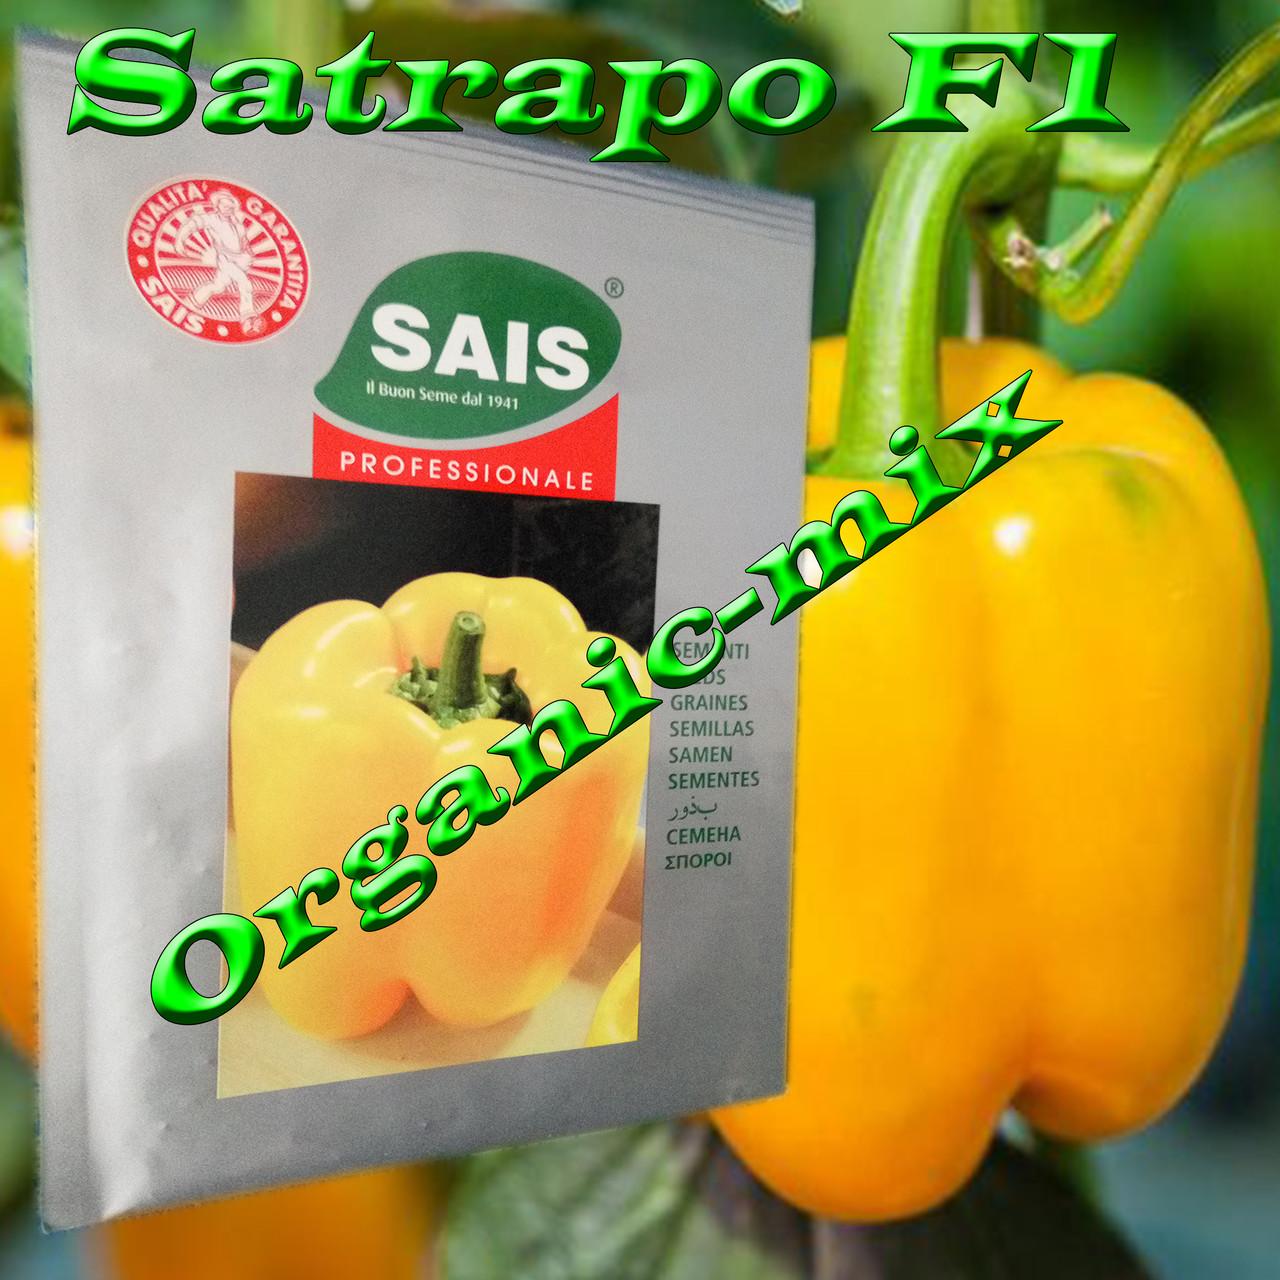 САТРАПО F1 / SATRAPO F1, семена желтого перца, проф. пакет 100 семян ТМ Sais (Италия)